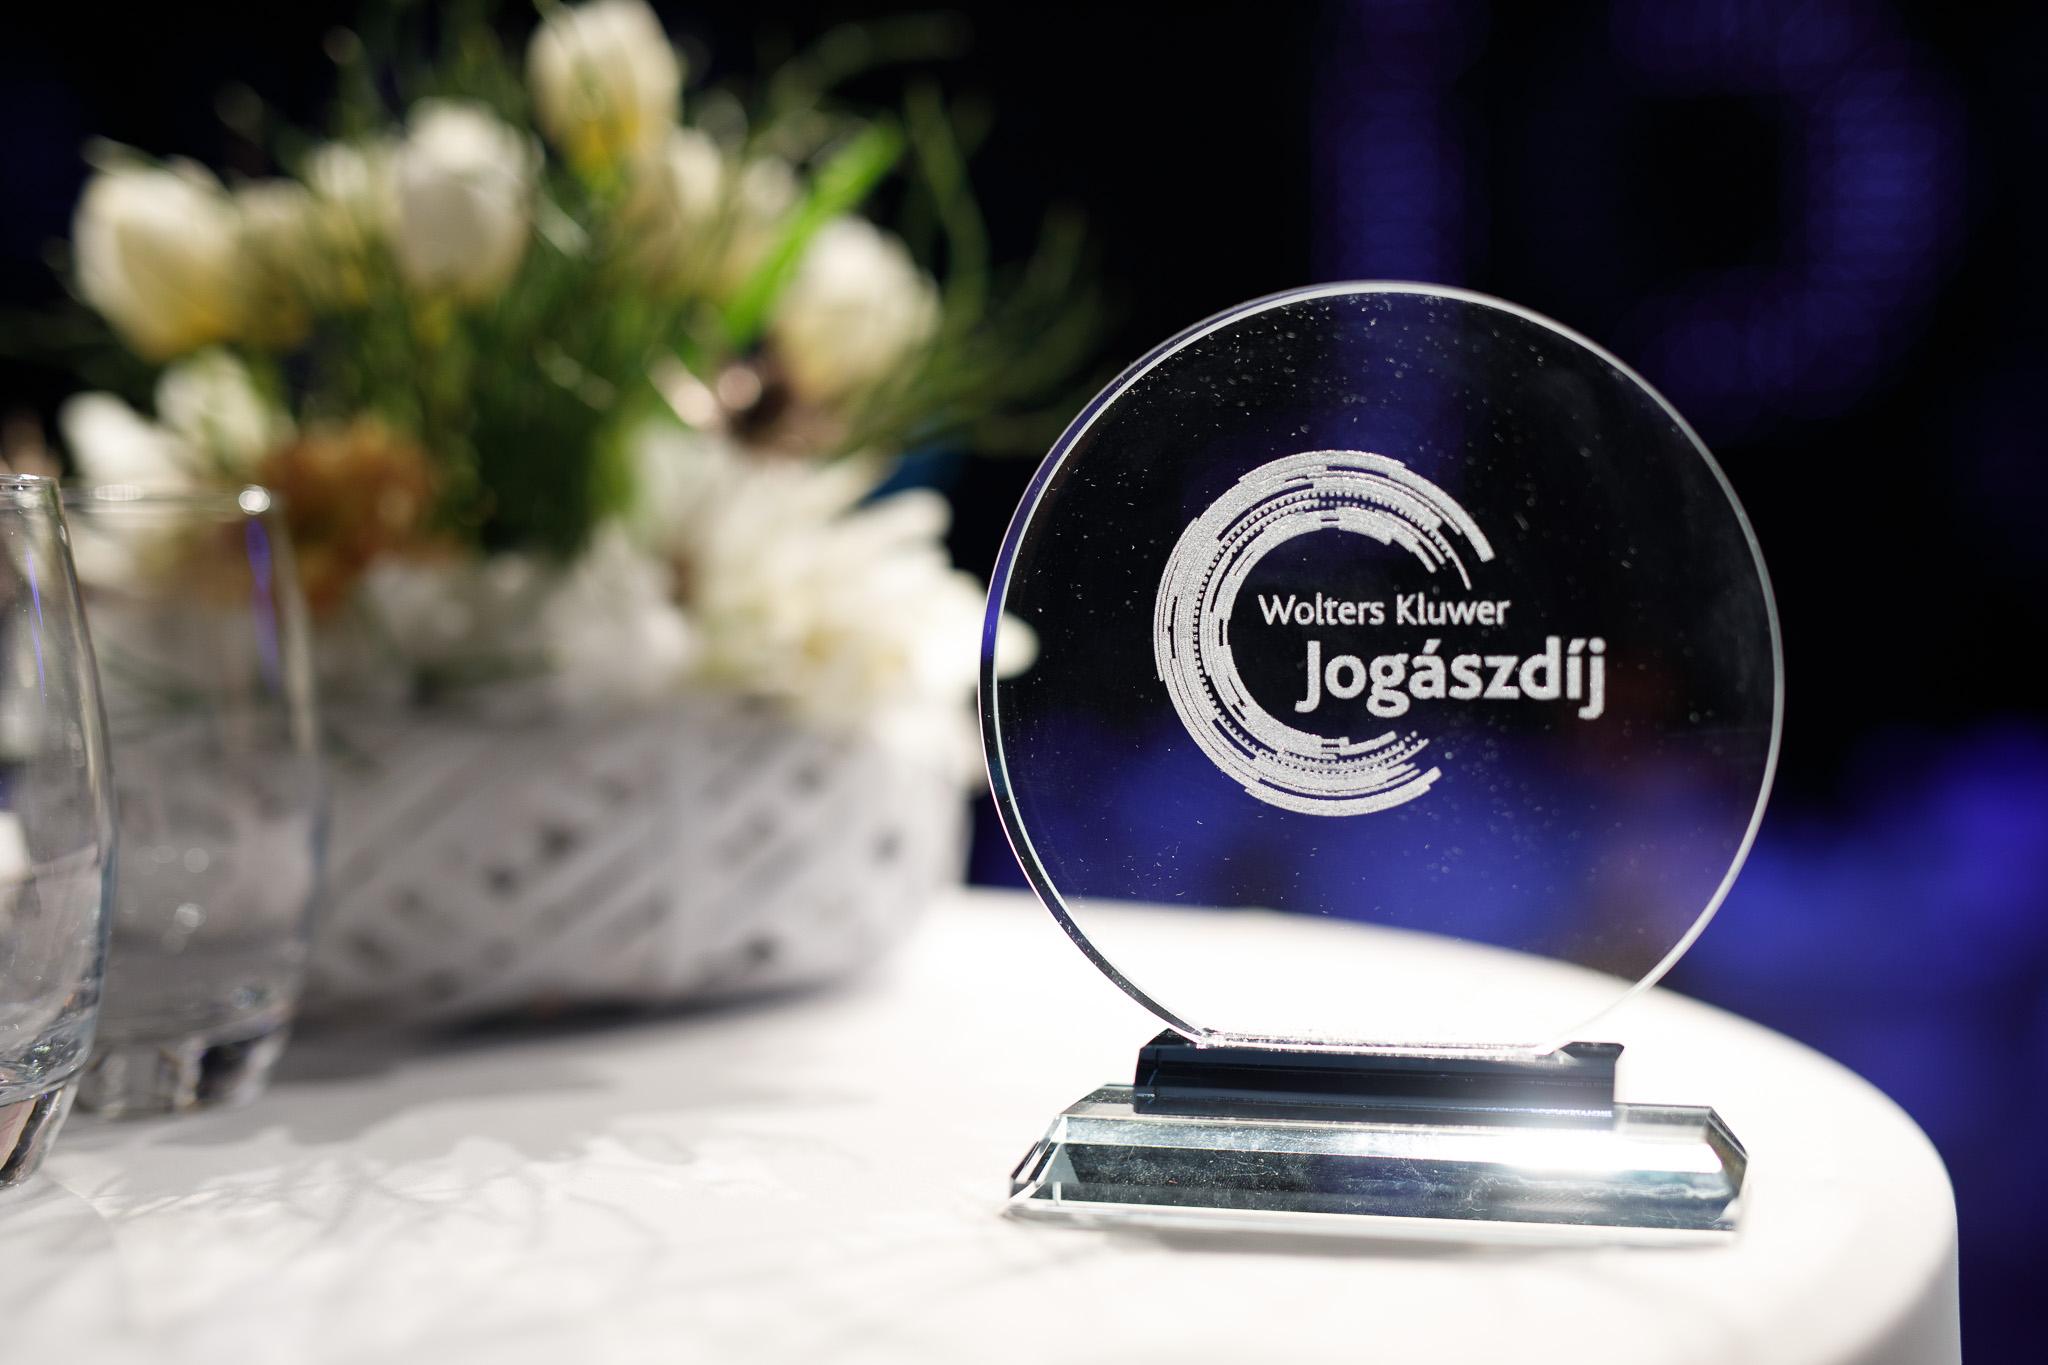 jogaszdij2018-Dij-asztalon